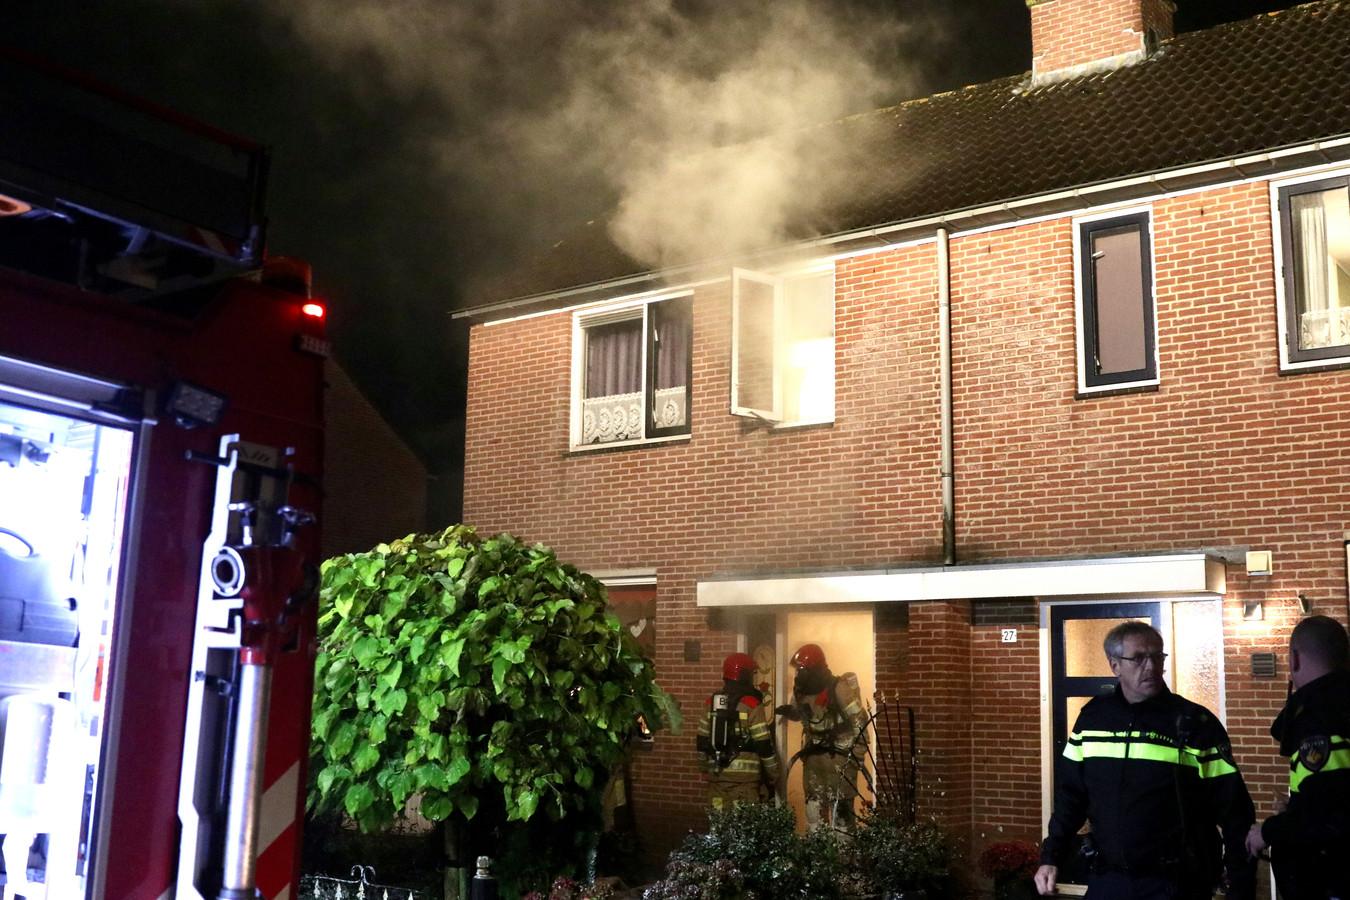 Brandweer bij de woning in Emmeloord, waar de rook uit het raam komt.